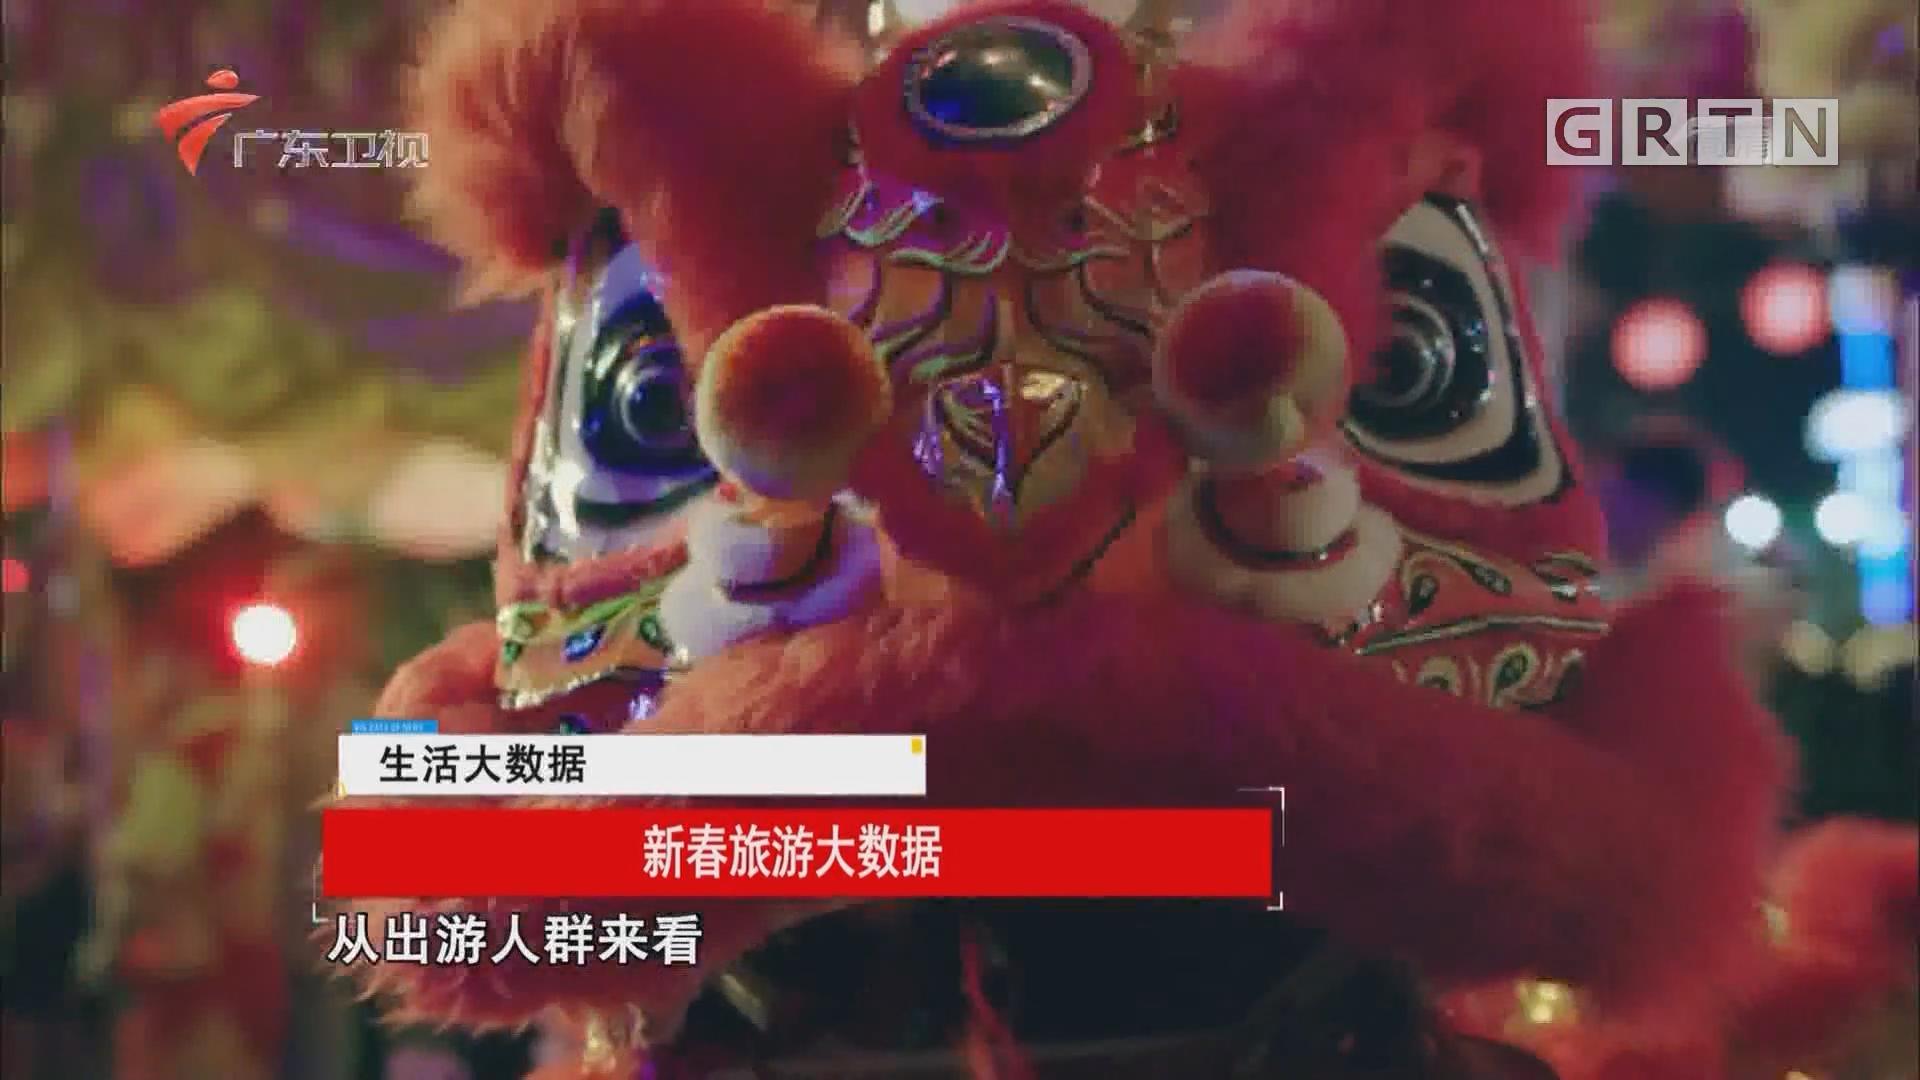 新春旅游大数据